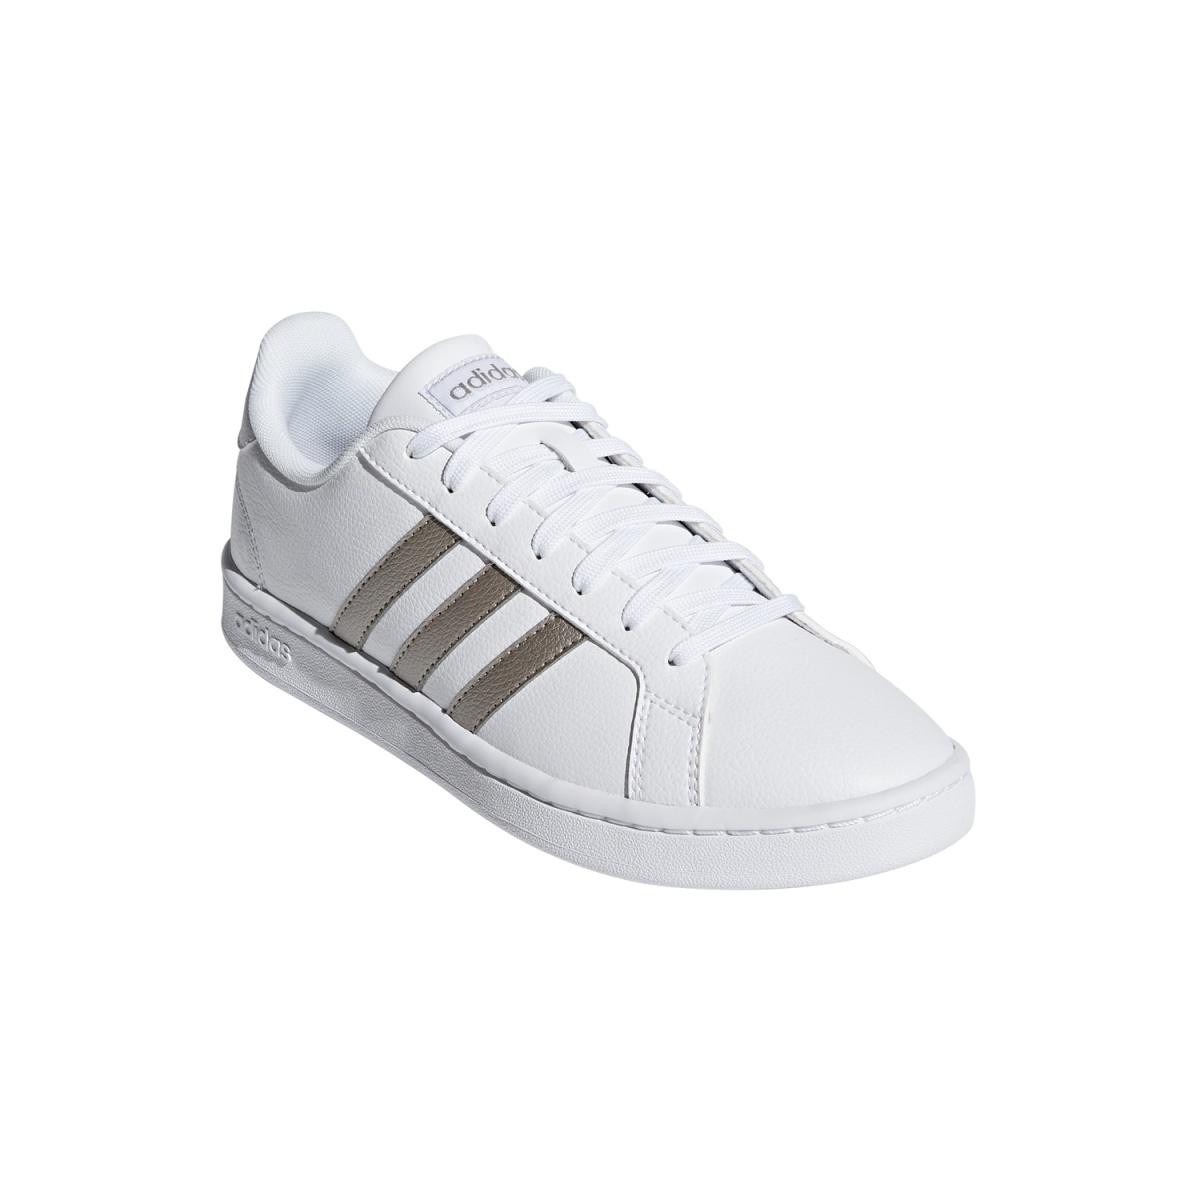 adidas Grand Court 2019 weiss Sneaker Damen